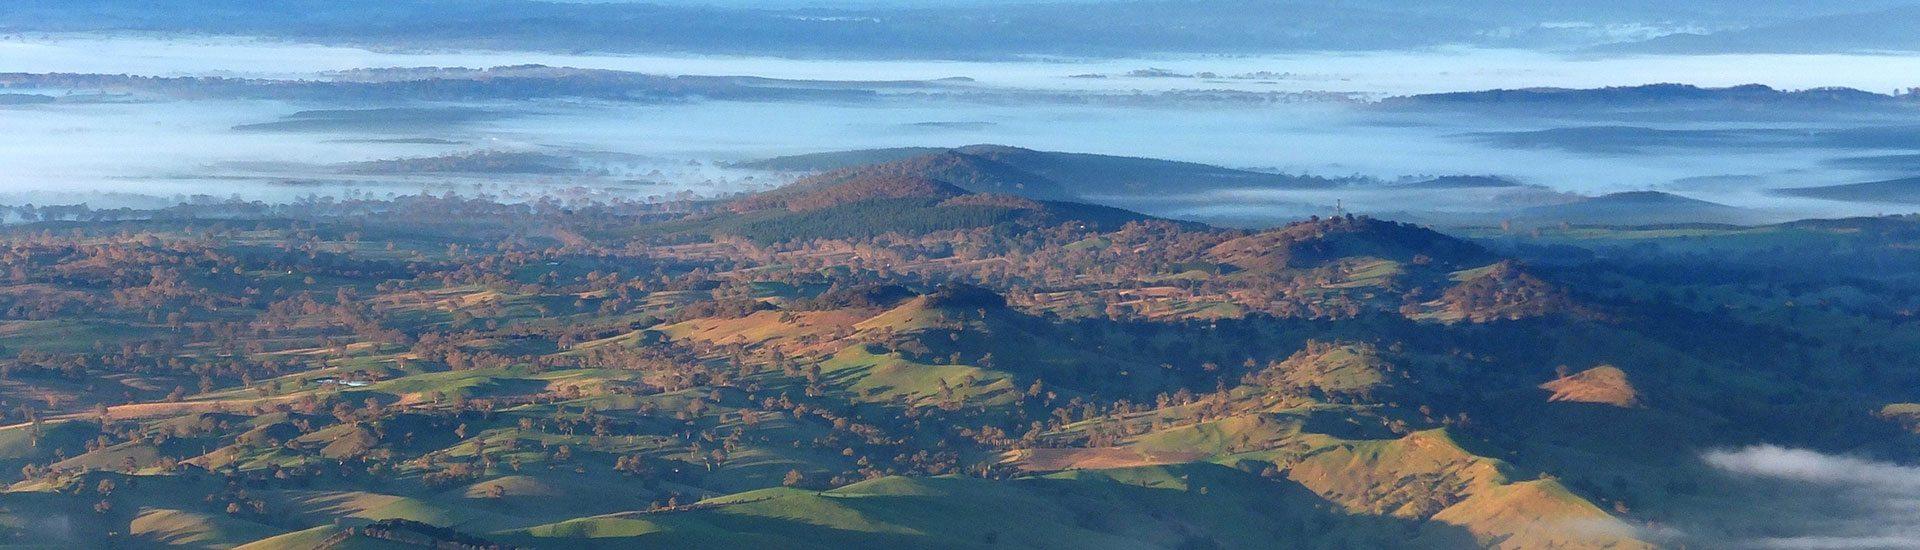 balloon-adventures-flights-over-the-barossa-balloon-ride-scenic-6